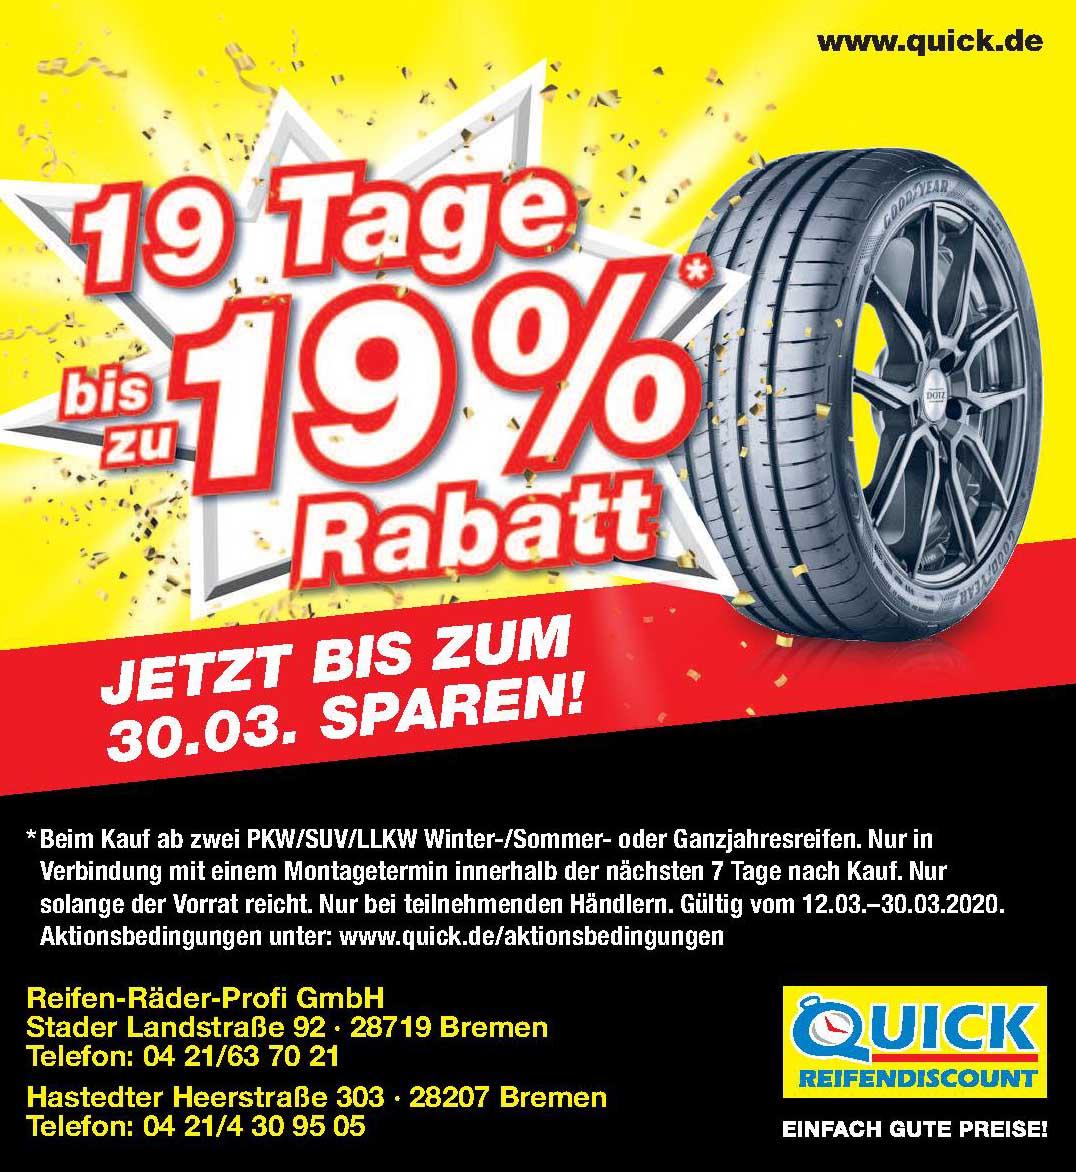 <br><b> Reifen-Räder-Profi GmbH </b> <p></p> Stader Landstraße 92 <p></p> 28719 Bremen <p></p> Tel. 04 21/63 70 21 </p> <hr> <p></p> Hastedter Heerstraße 303 <p></p> 28207 Bremen <p></p> Tel. 04 21/4 30 95 05 <p></p><a href='https://quick.de>quick.de'</a>